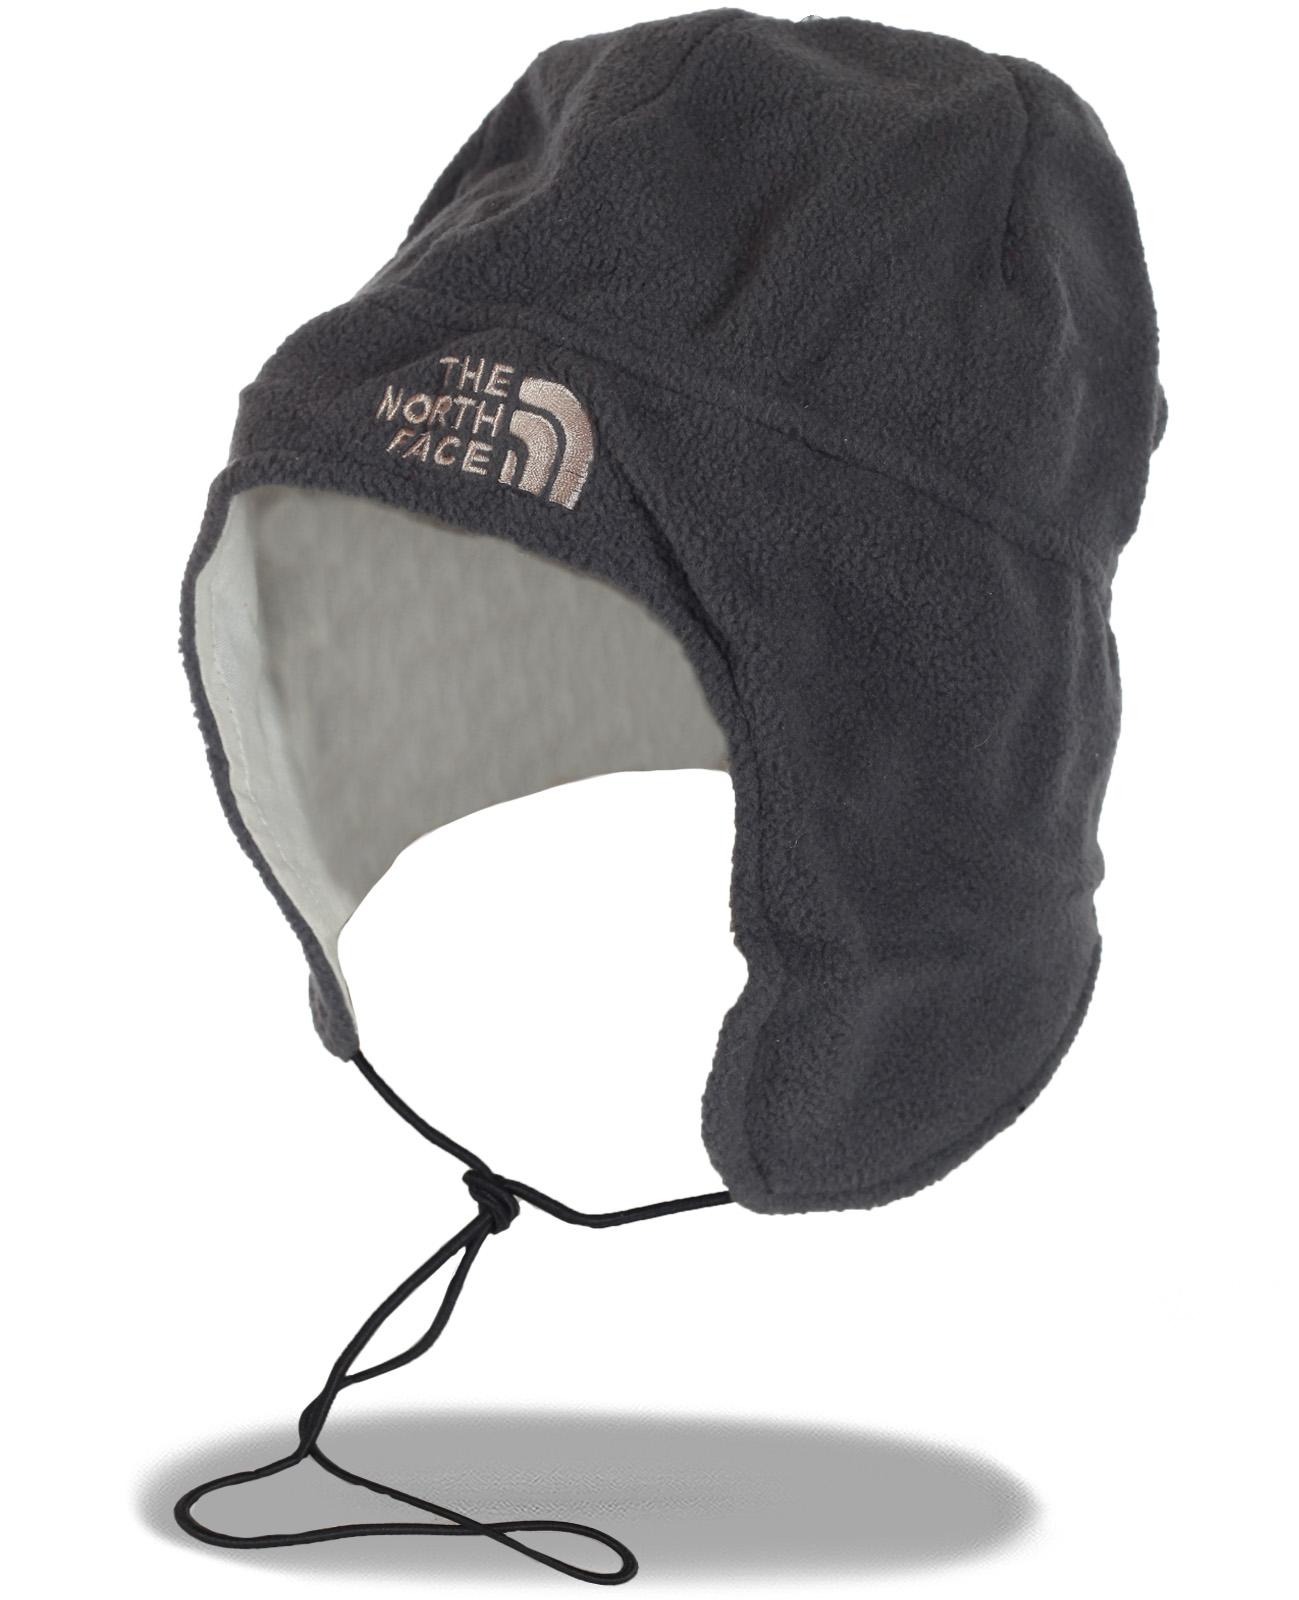 Серая мужская глубокая шапка из флиса. С ней Вы всегда будете в тепле и комфорте. Приобретайте и не раздумывайте!